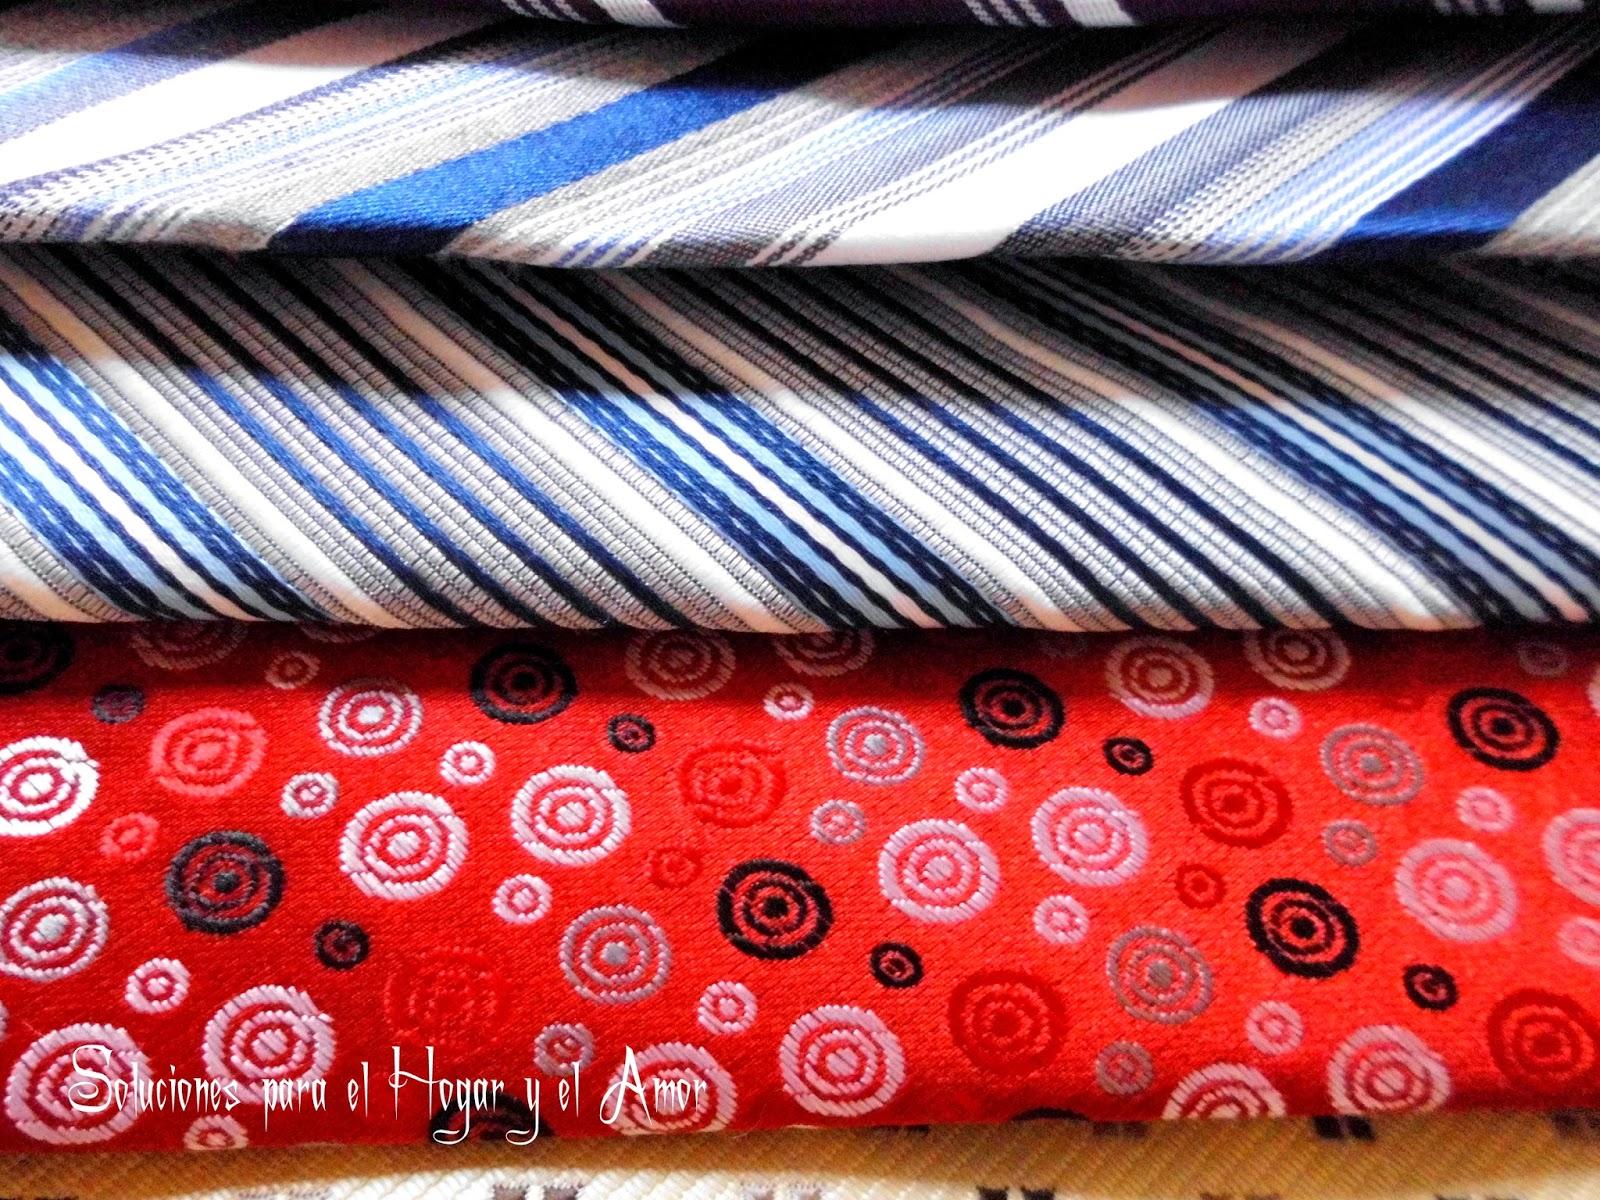 Corbatas de todos los colores y gustos, finas de seda